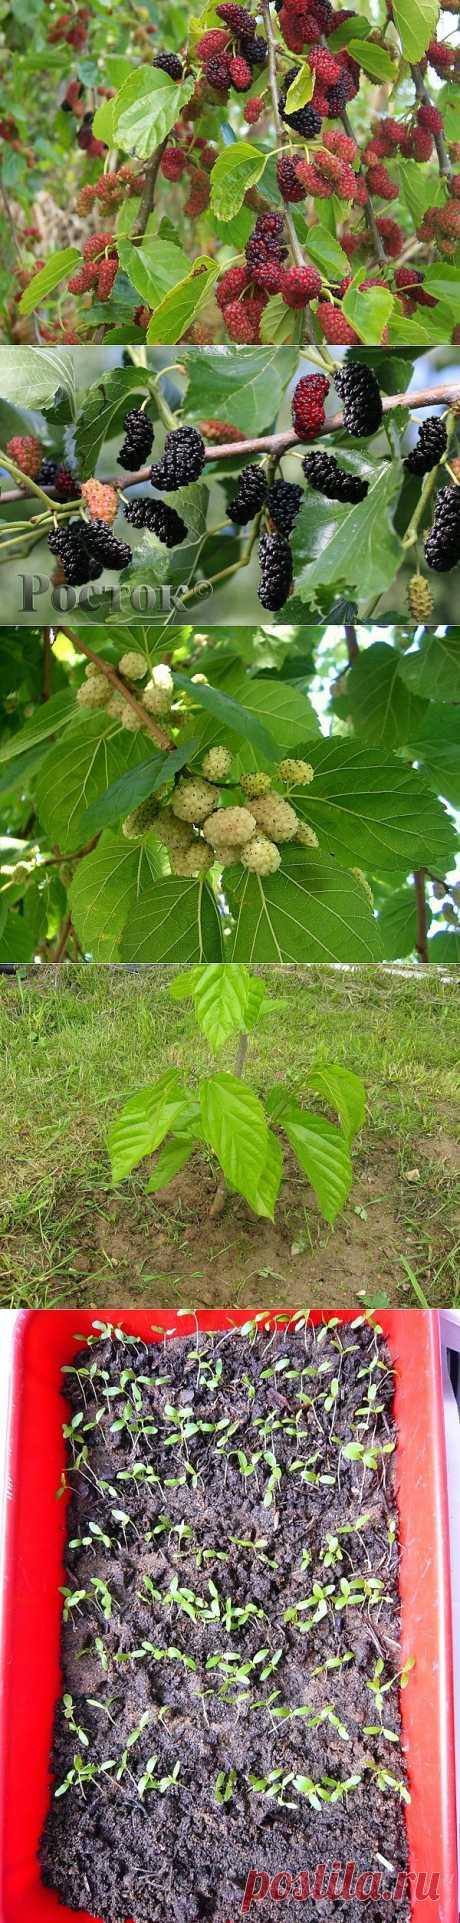 SHelkovitsa (la morera) - la plantación y la partida.\u000d\u000aEl moral puede alcanzar 35 m en la altura, pero en condiciones del jardín es necesario formar la corona así que el árbol no sea más alto 2-3 m. Viven shelkovitsa extraordinariamente mucho tiempo, 200-300 años. Para 5 año después de la plantación es posible esperar la cosecha, y de los árboles inoculados — todavía antes. El árbol de 10 años da hasta 100 kg de los frutos.